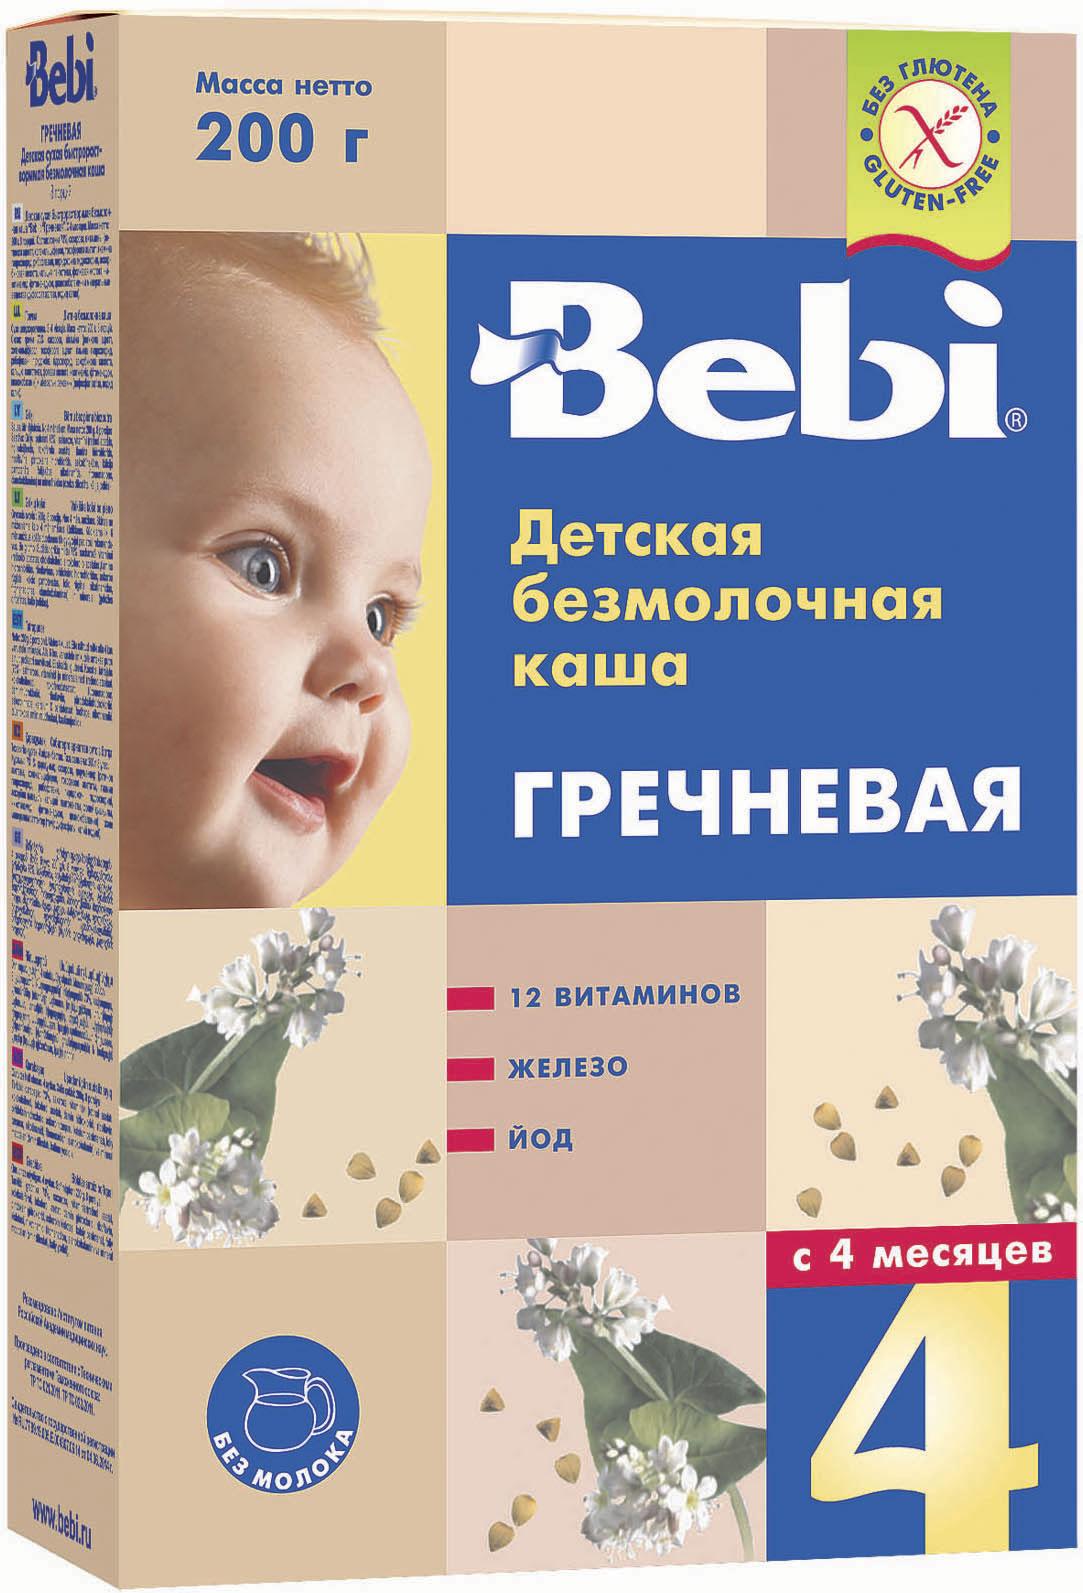 Каша Bebi Bebi Безмолочная гречневая (с 4 месяцев) 200 г каша hipp безмолочная гречневая с 4 мес 200 гр